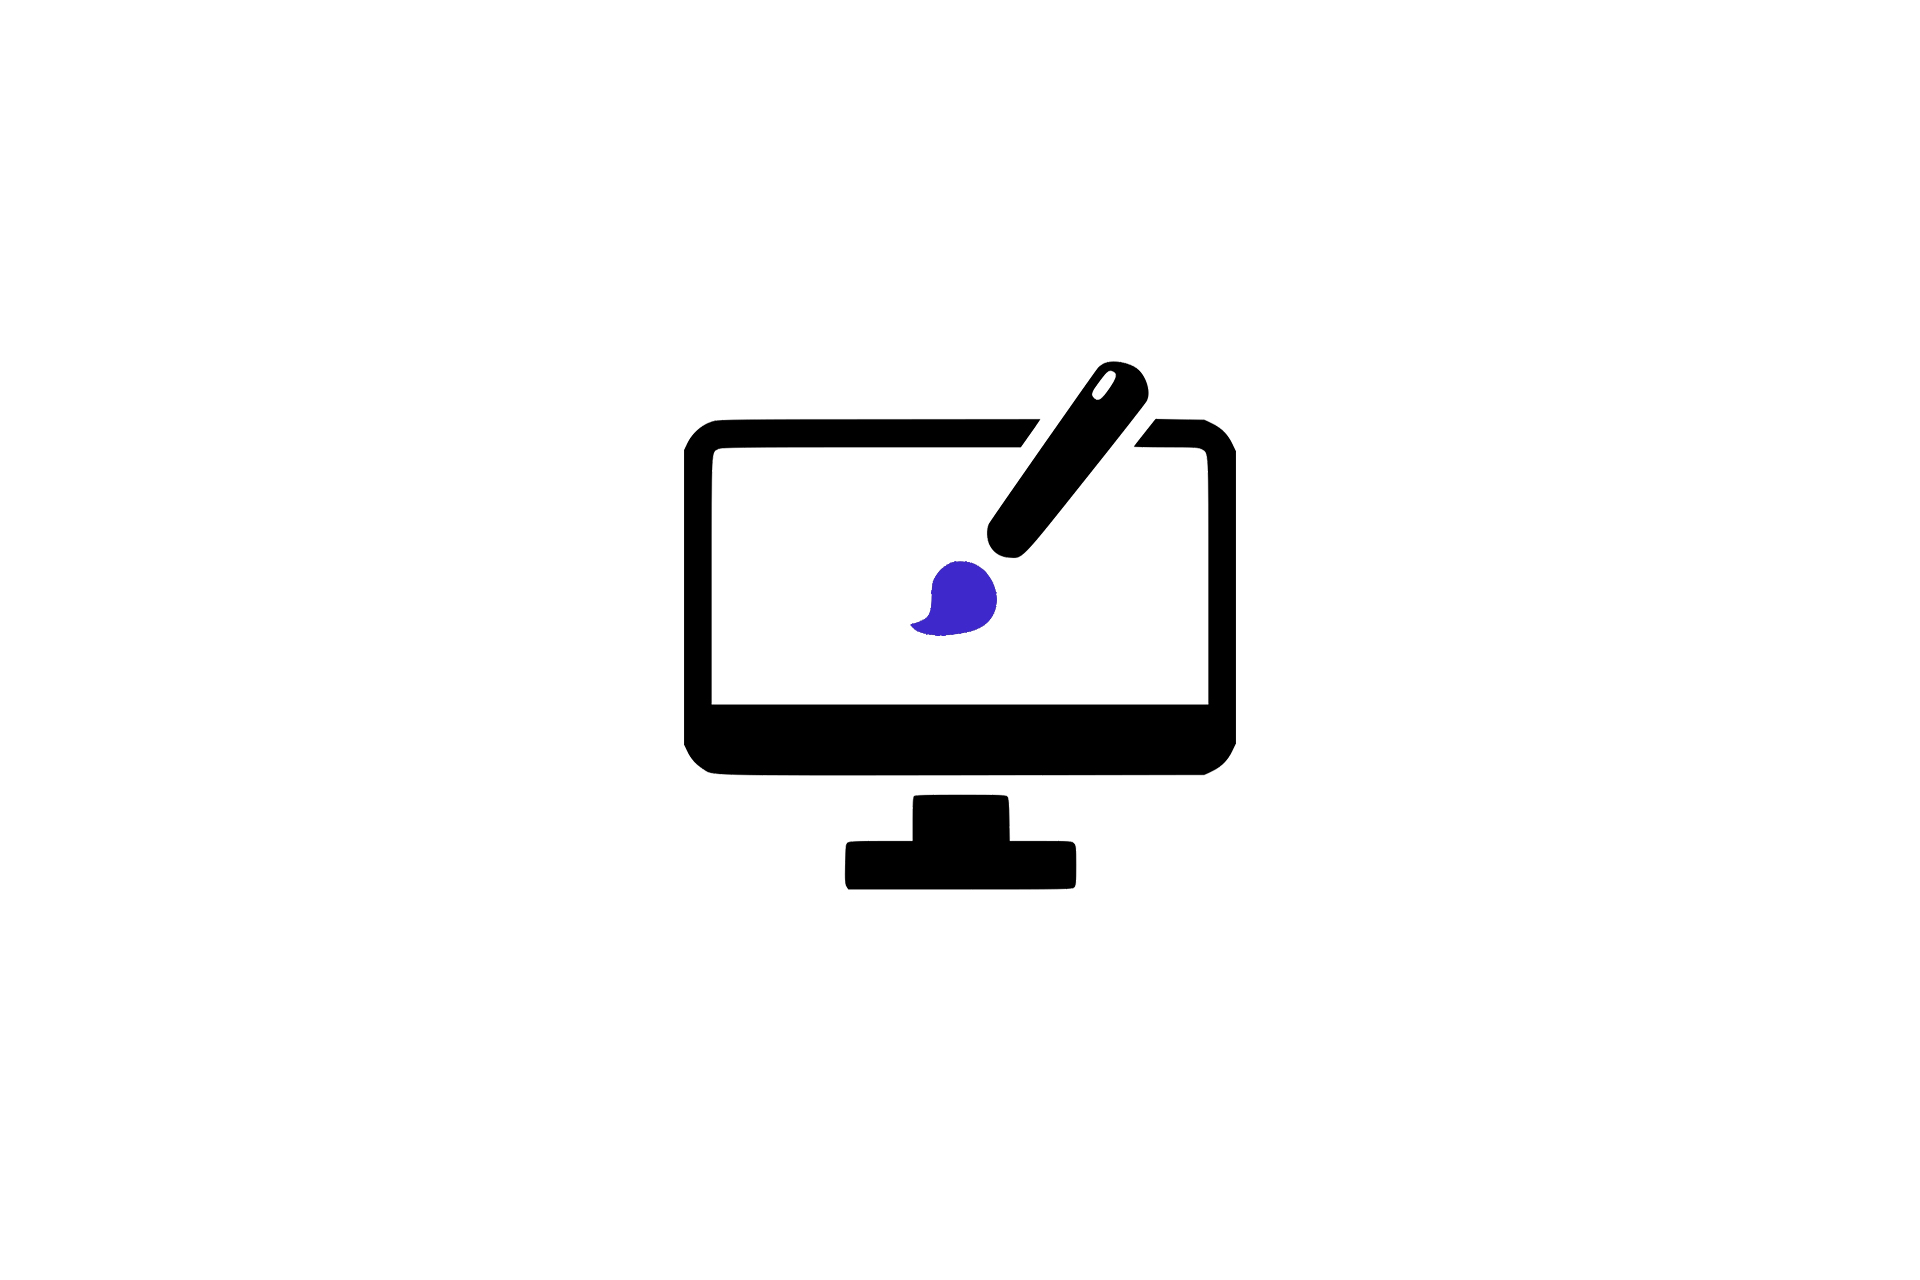 ایده کسب درآمد دلاری با طراحی لوگو